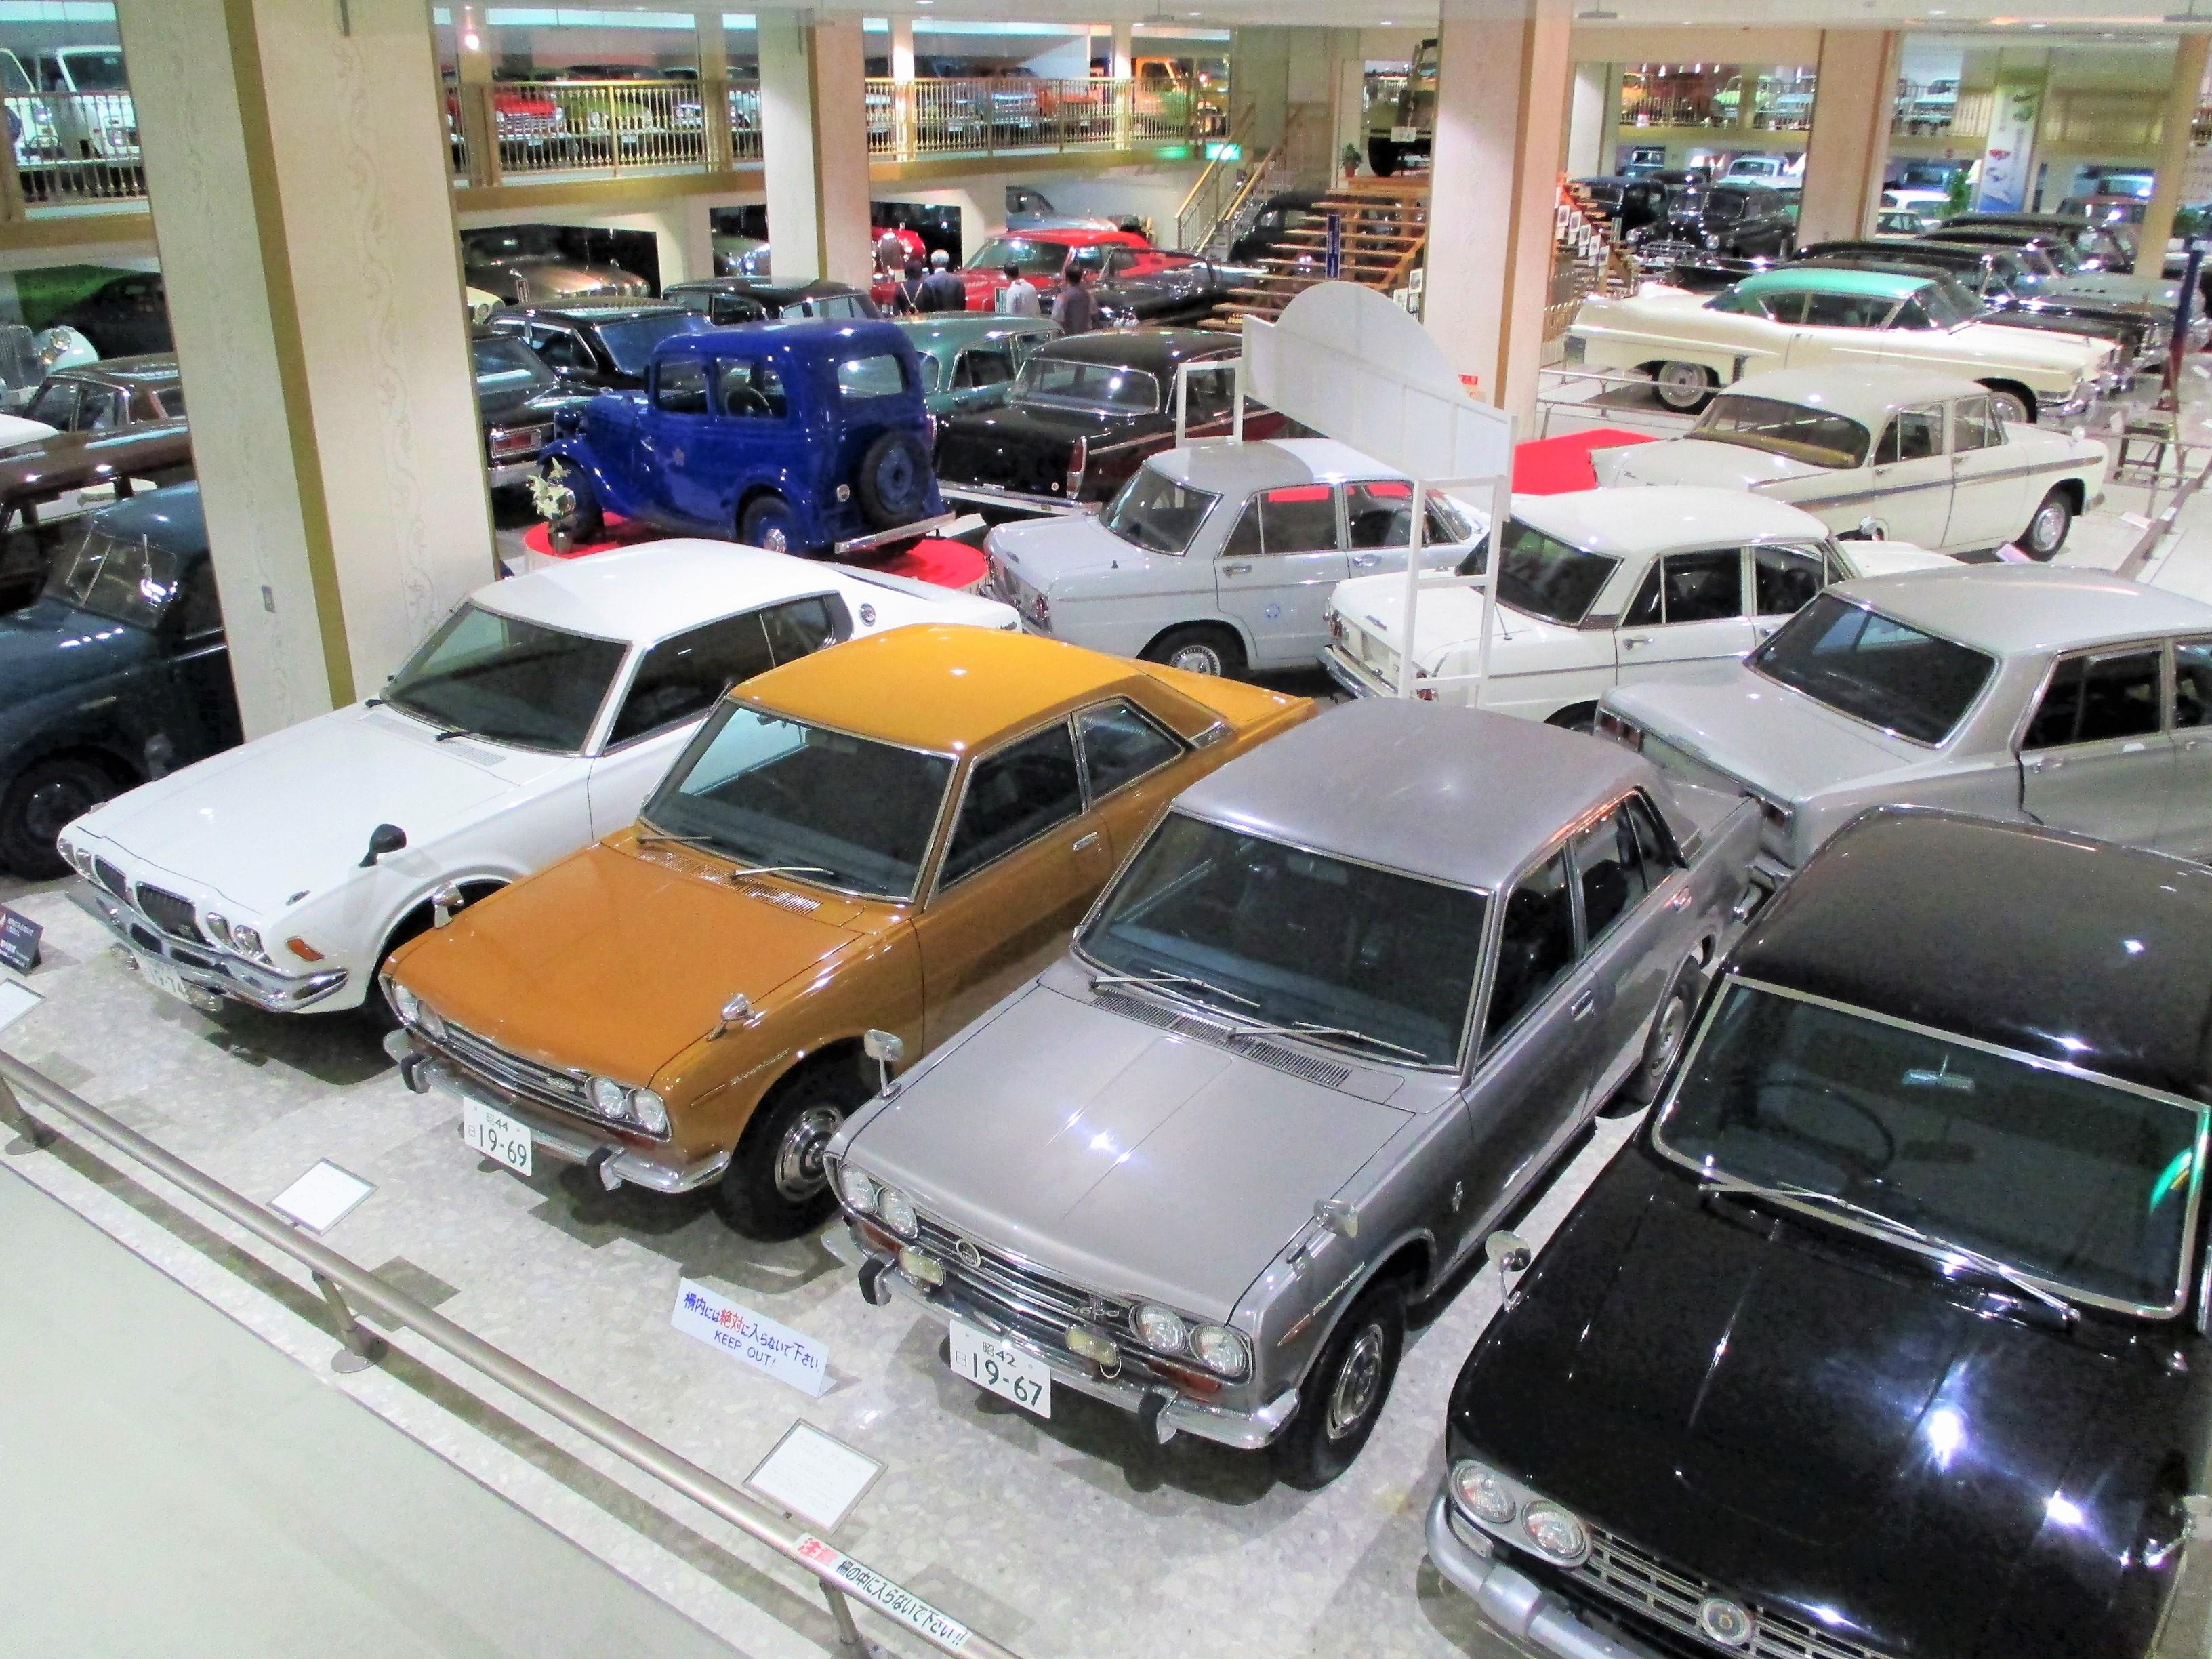 日本 自動車 博物館 日本自動車博物館 - Wikipedia